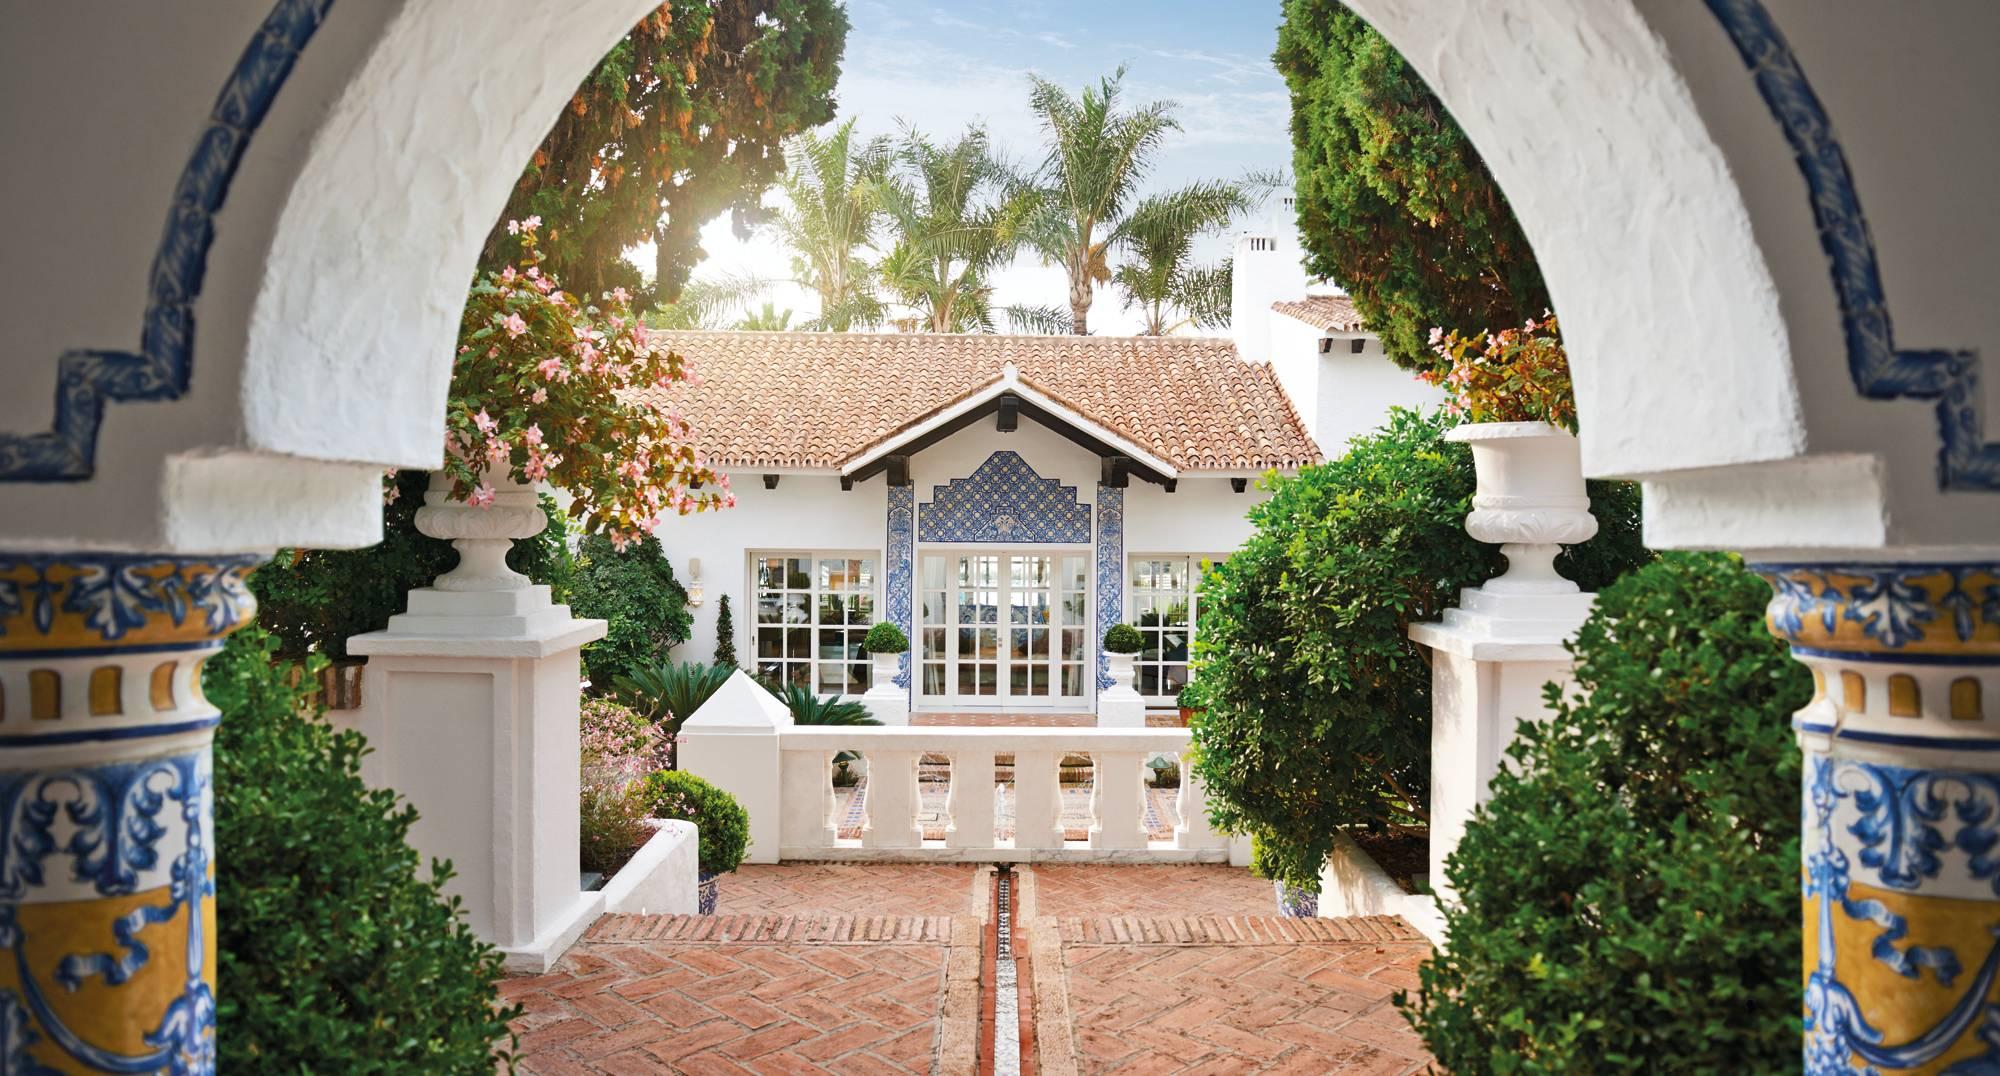 Marbella Club Villa del Mar - Central Entrance